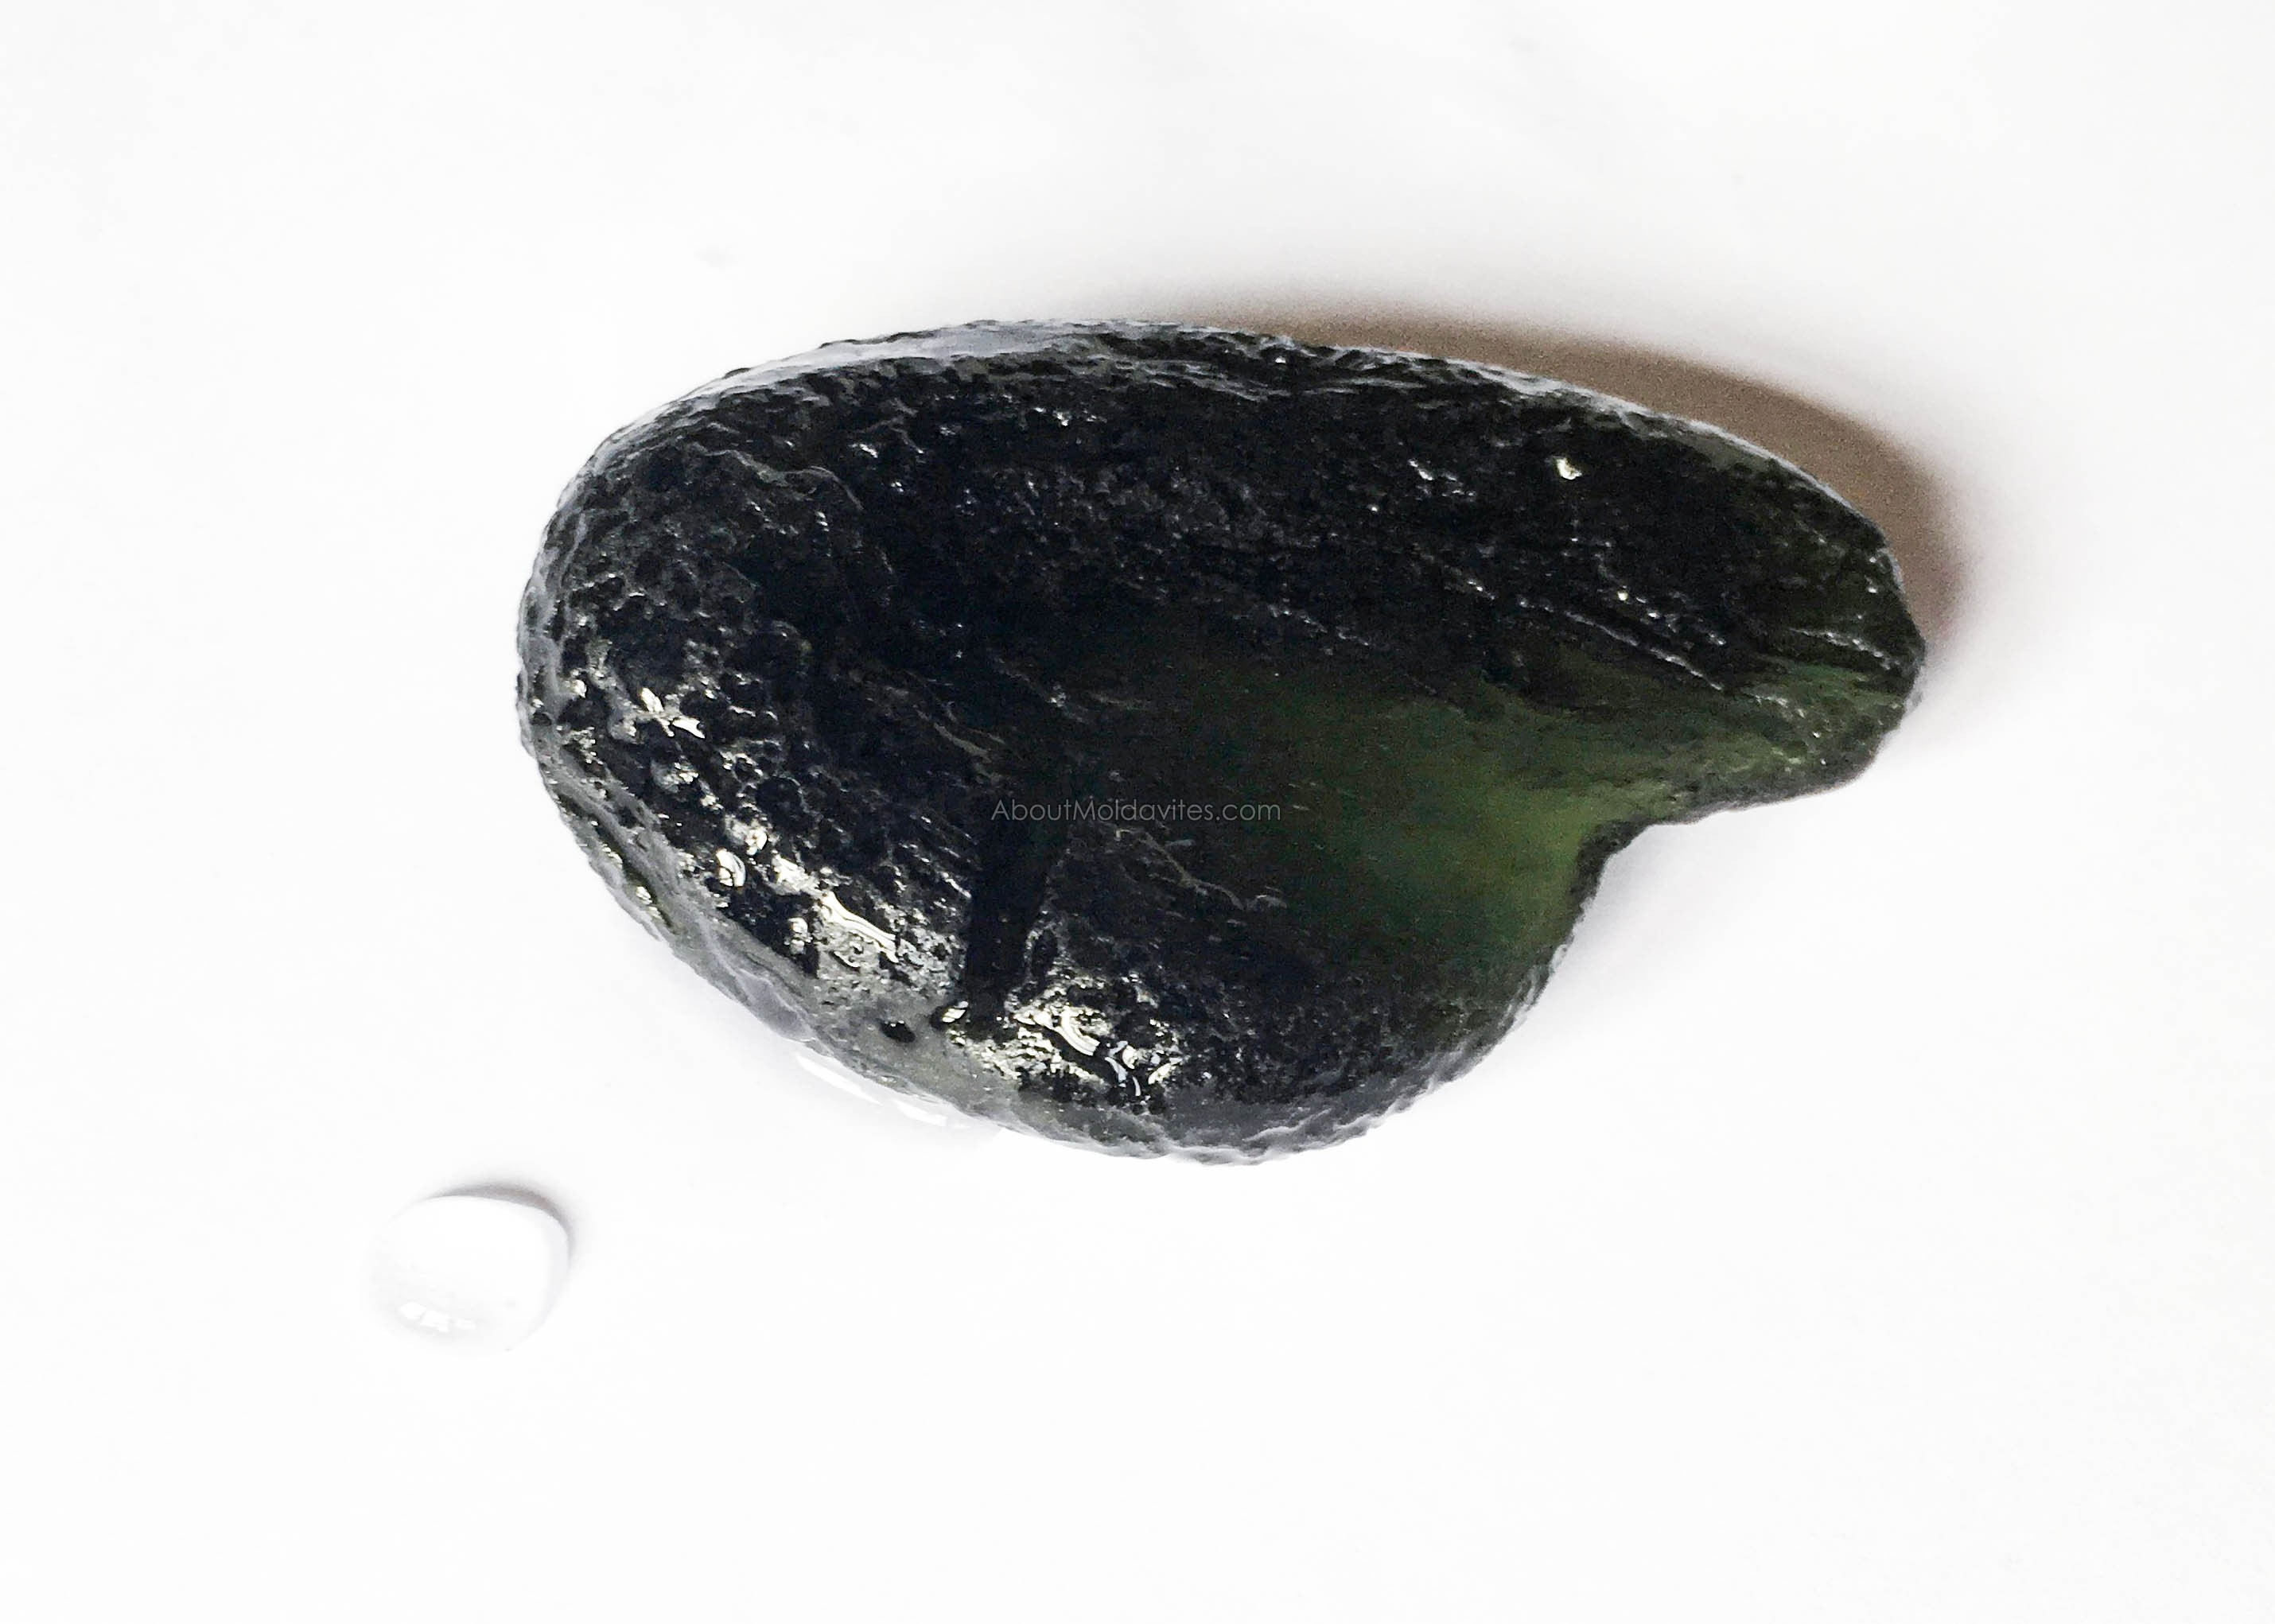 Can moldavites get wet? - AboutMoldavites com